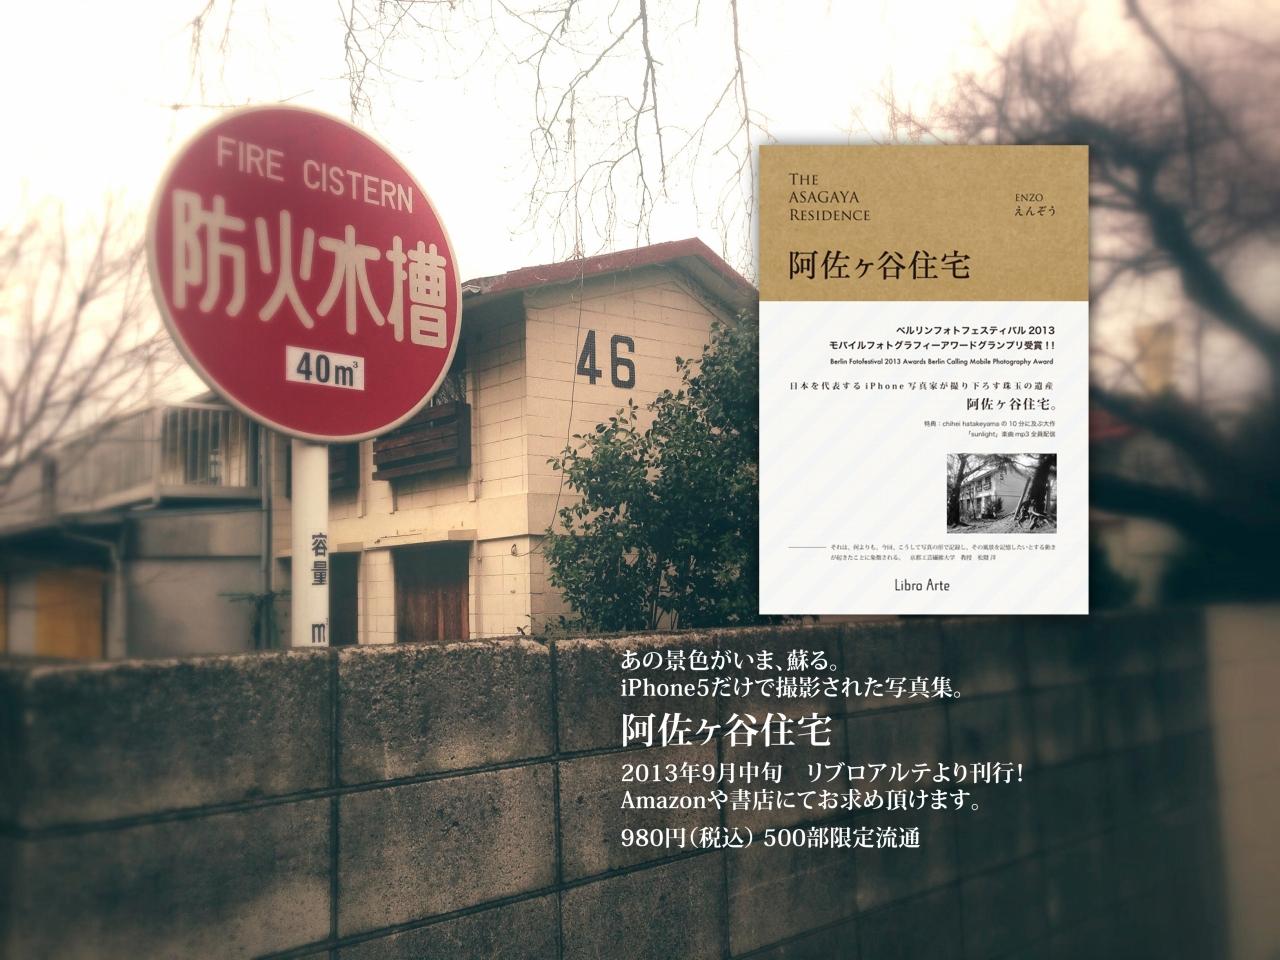 阿佐ヶ谷住宅サイト用写真集宣伝文言入り